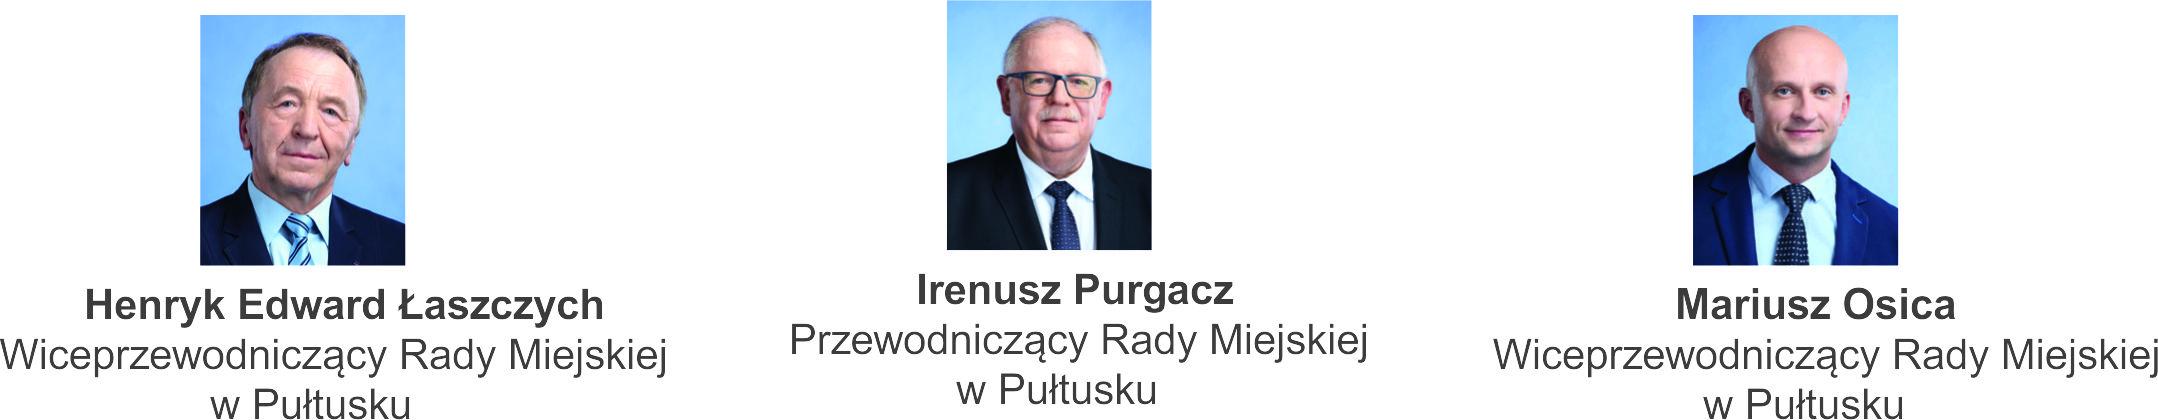 skład prezydium rady miejskiej w pułtusku